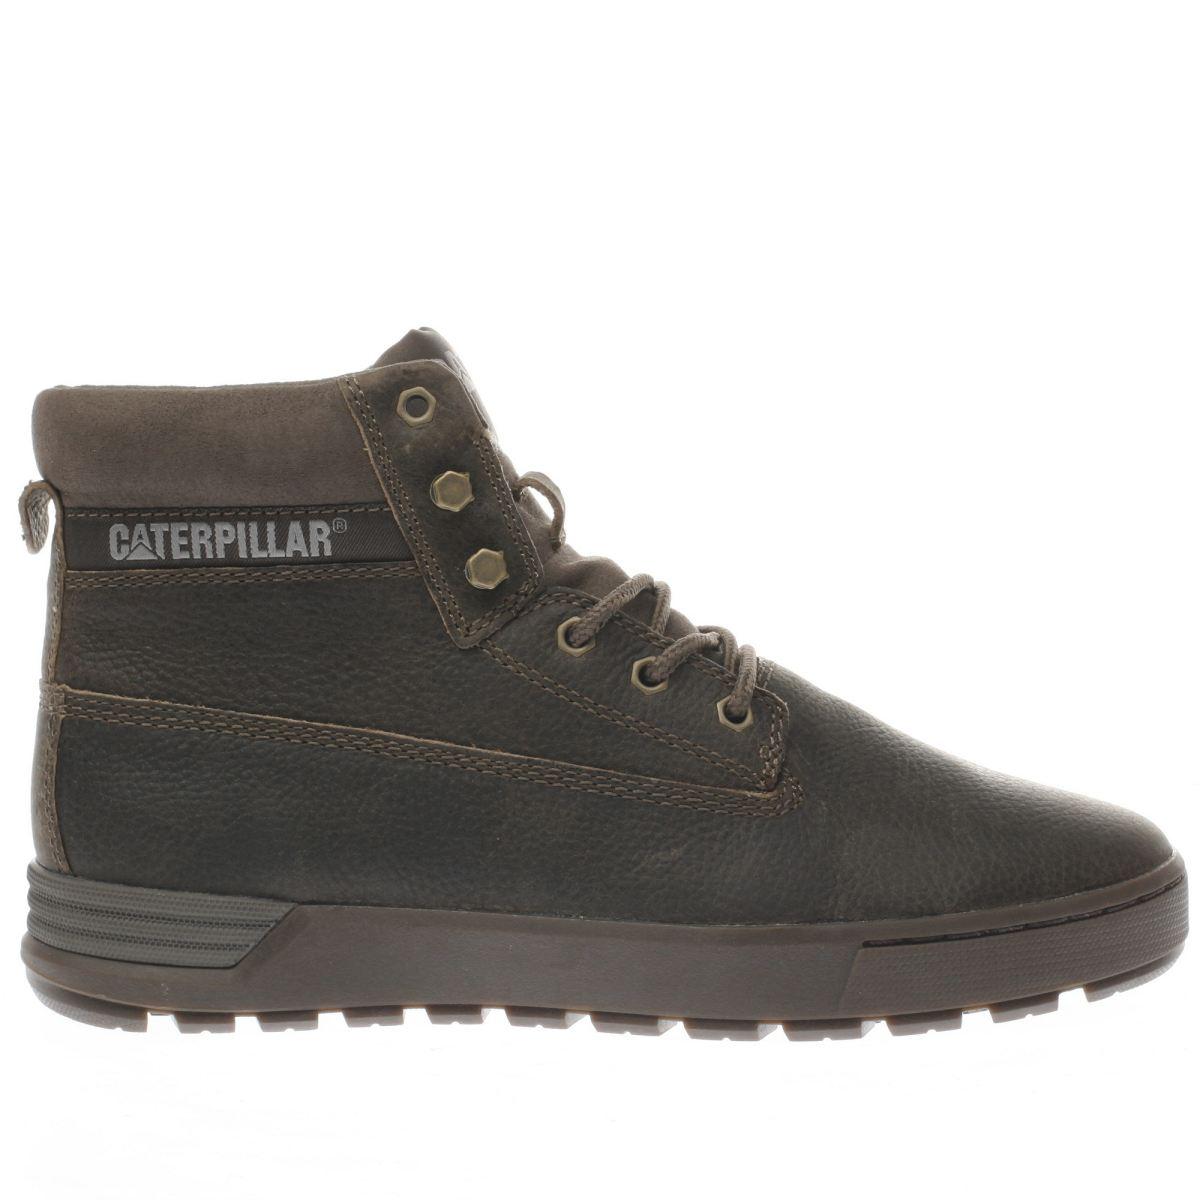 cat-footwear khaki ryker boots